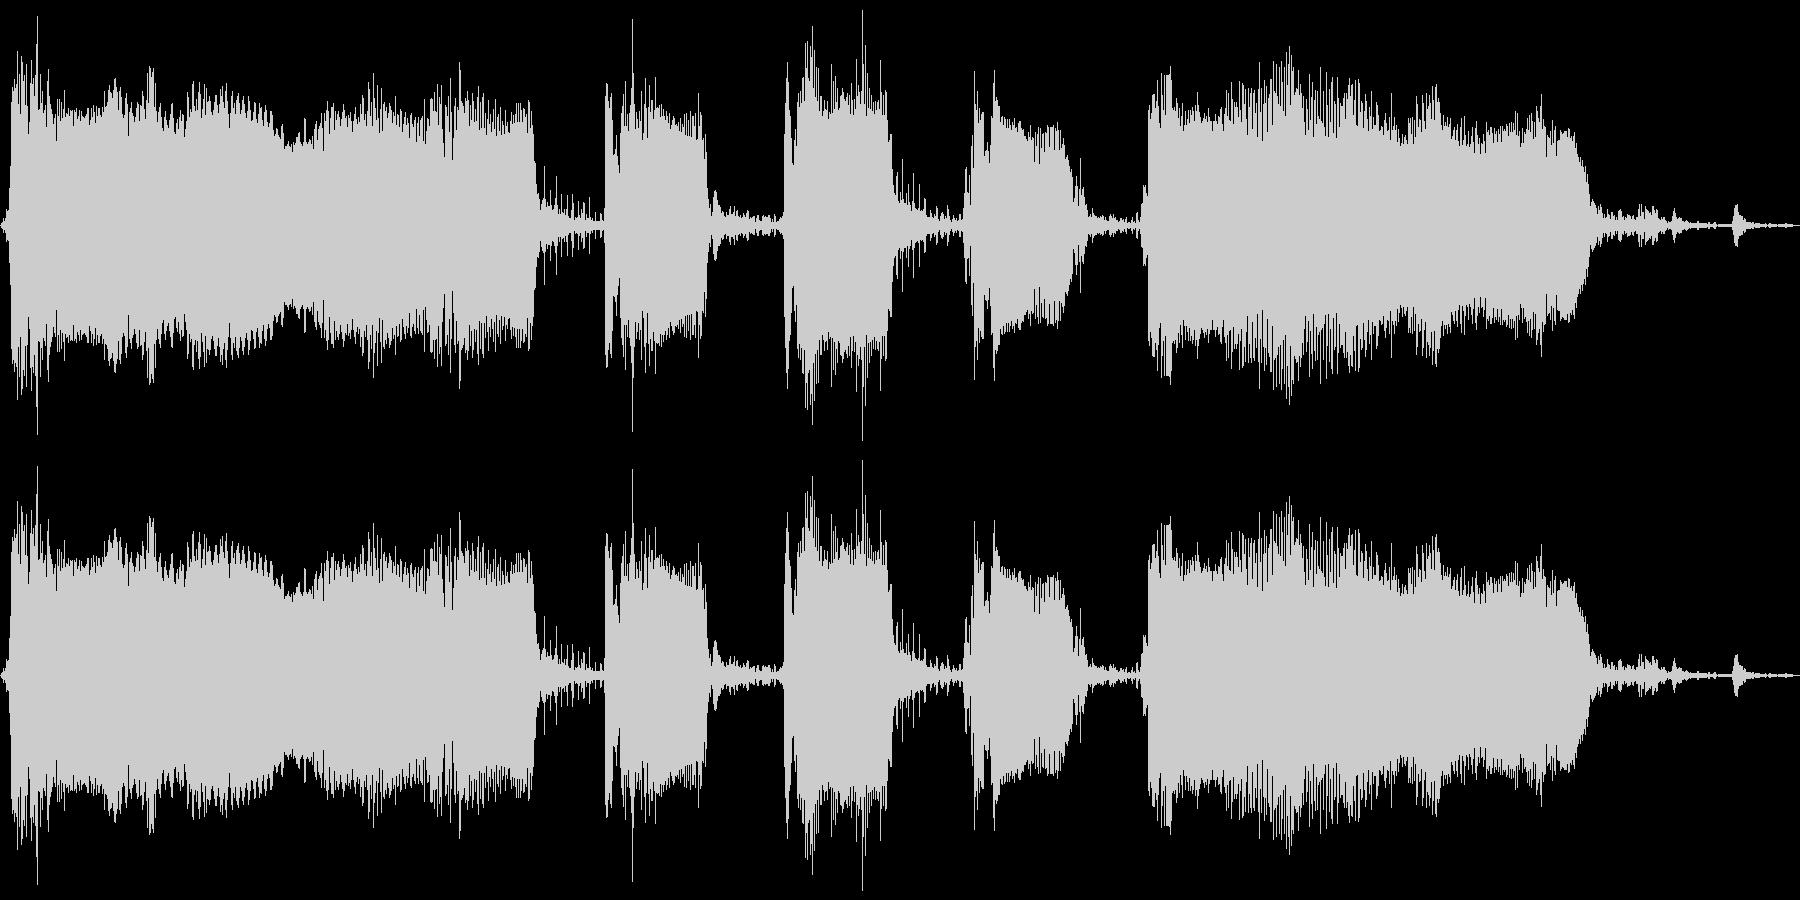 【エレキ ギター】ワウペダルの未再生の波形